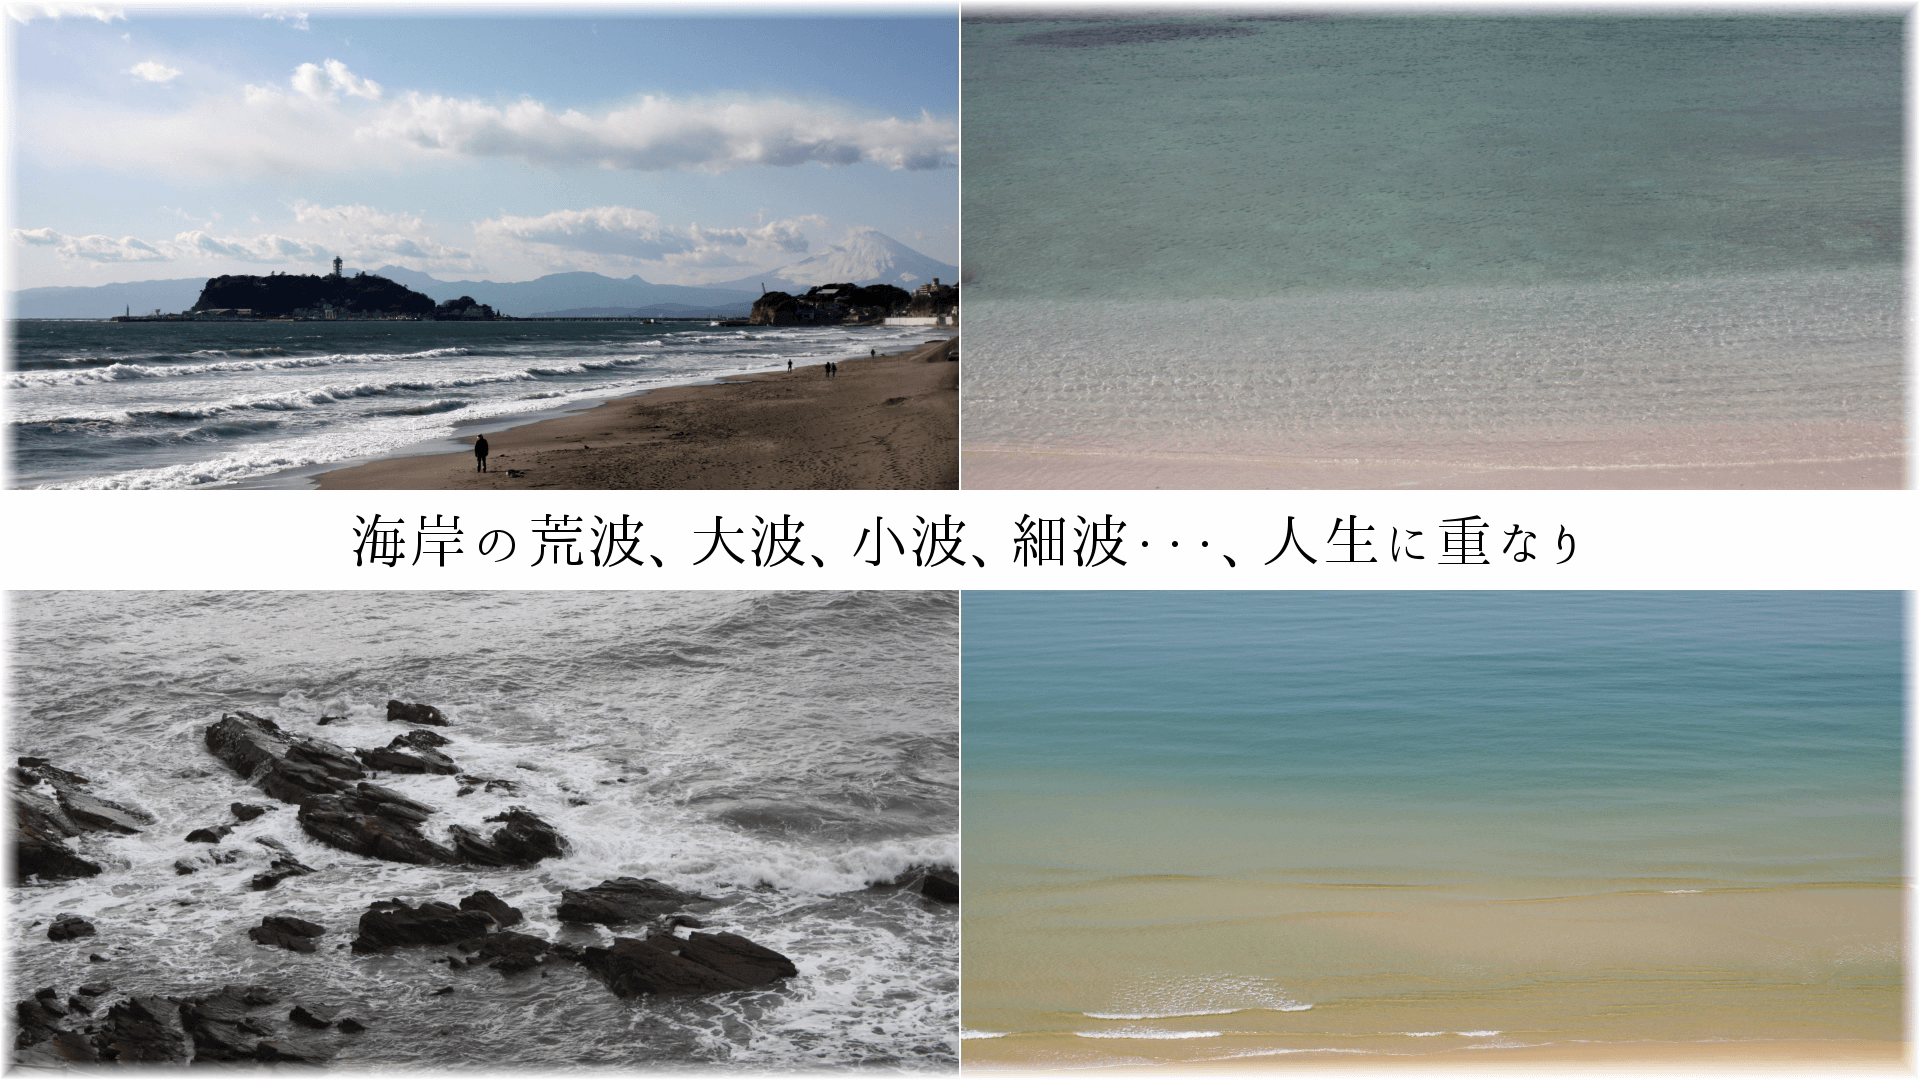 海岸の荒波、大波、小波、細波・・・、人生に重なり